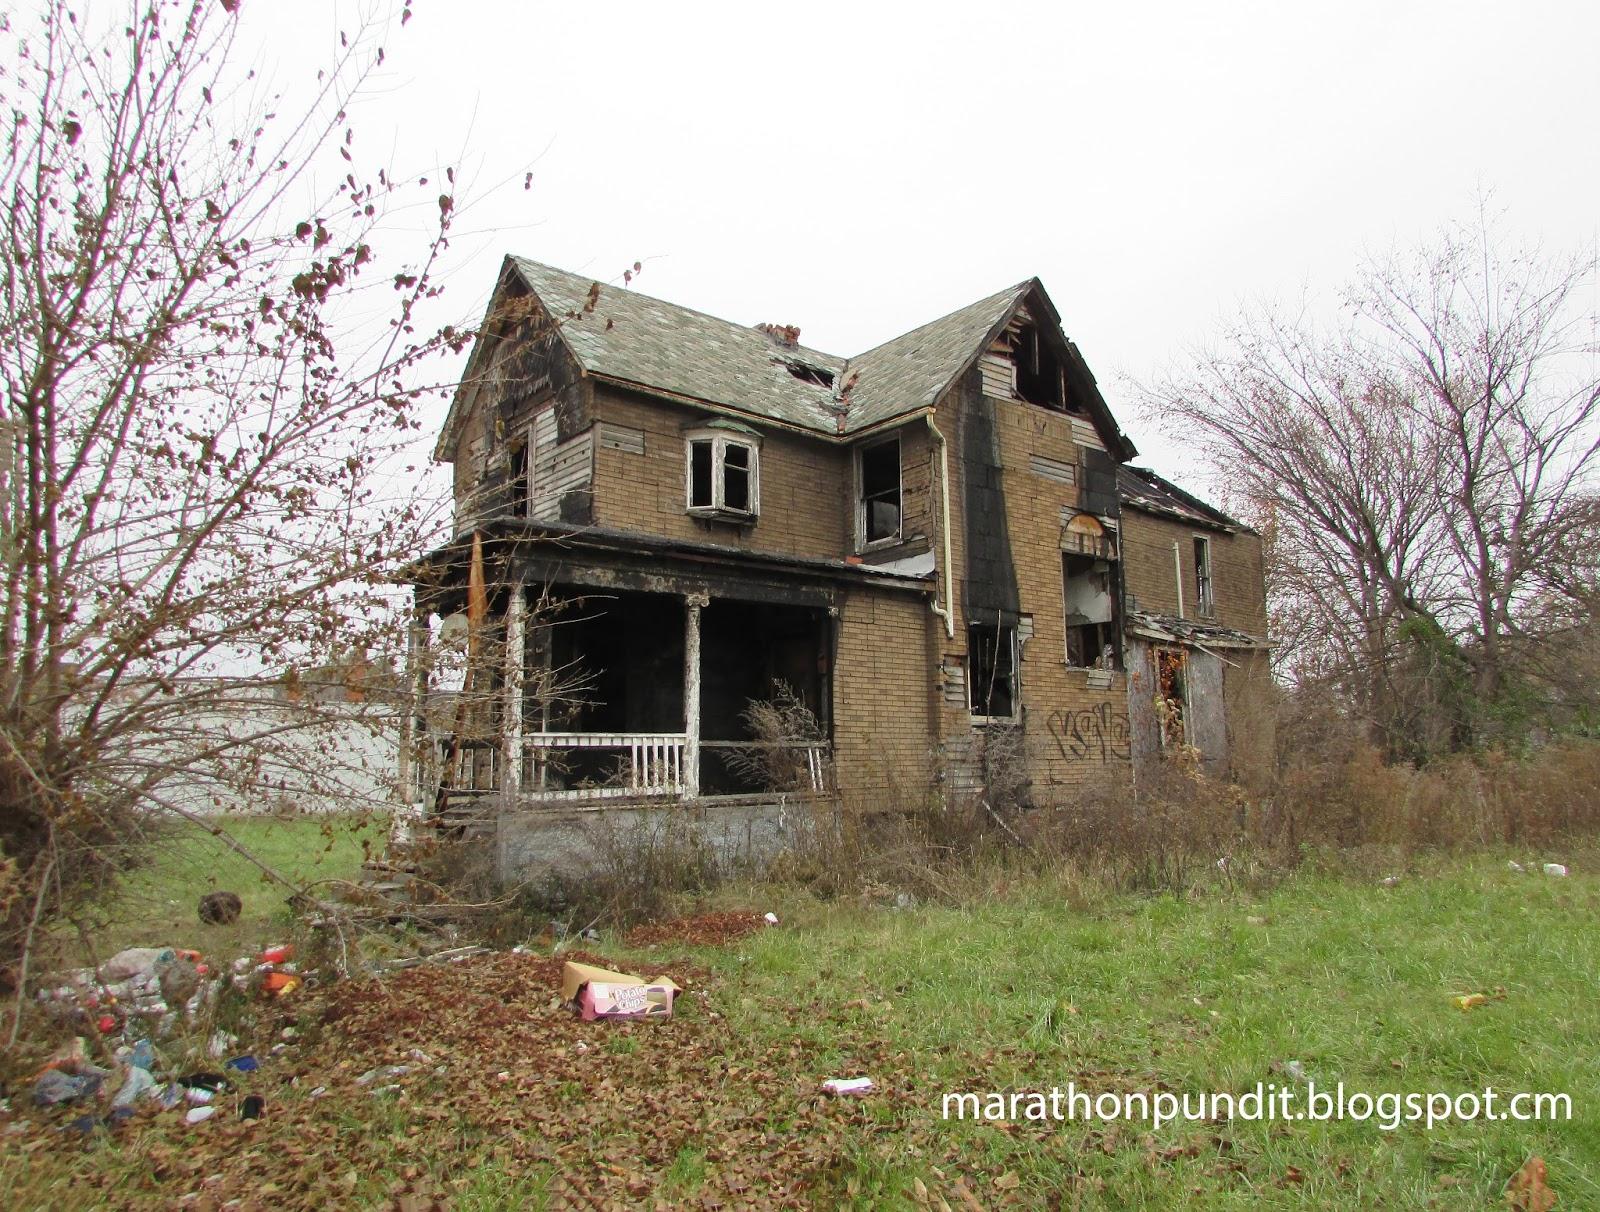 Marathon Pundit: The abandoned homes of Detroit's NW Goldberg